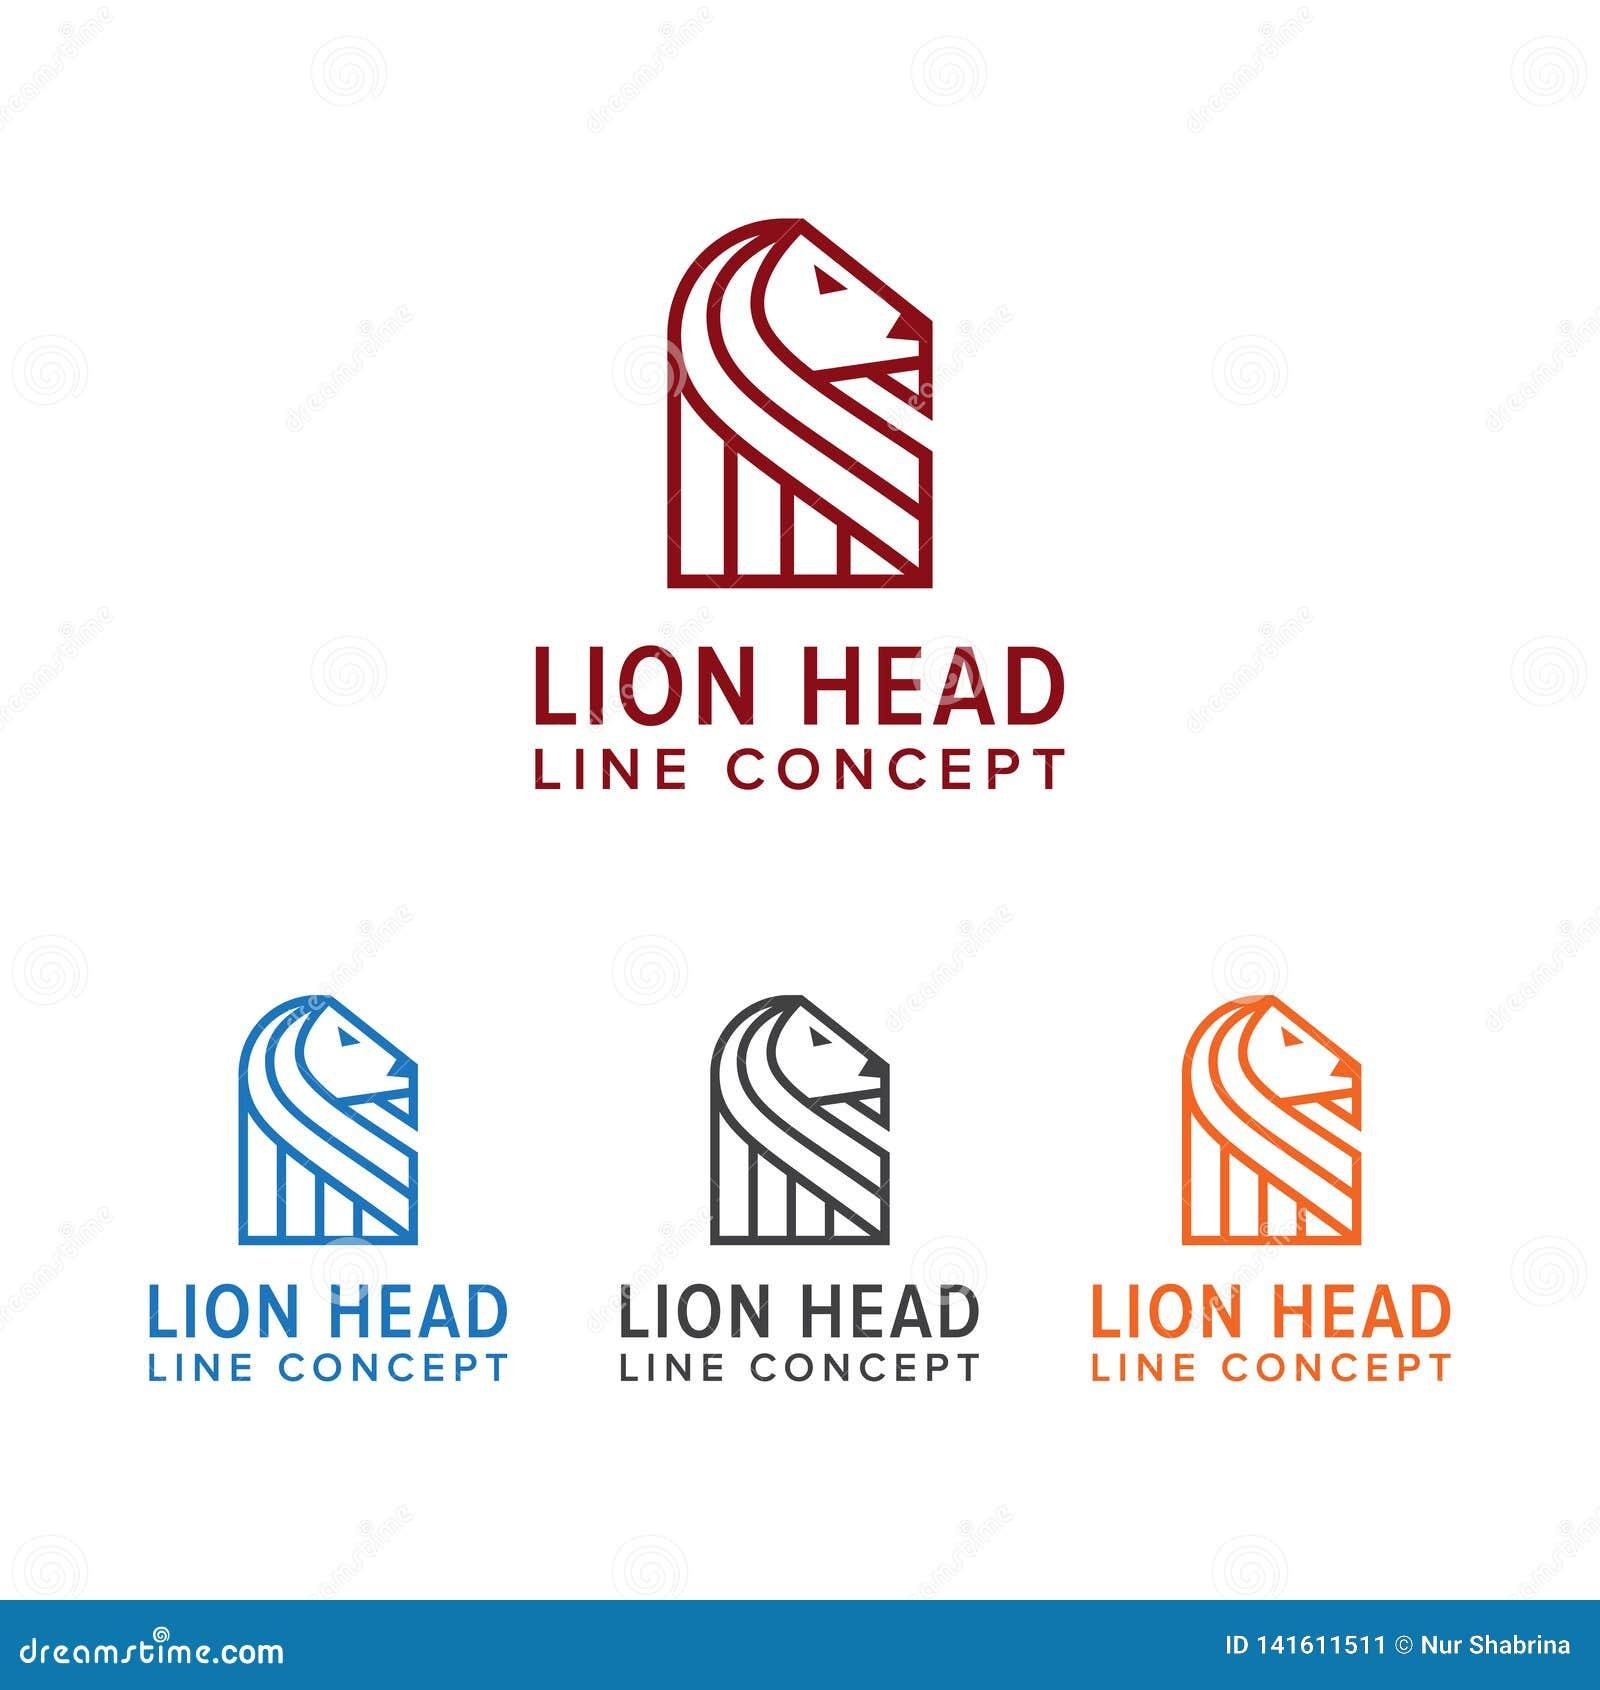 Elegant Lion Logo met Lijn Hoofdconcept